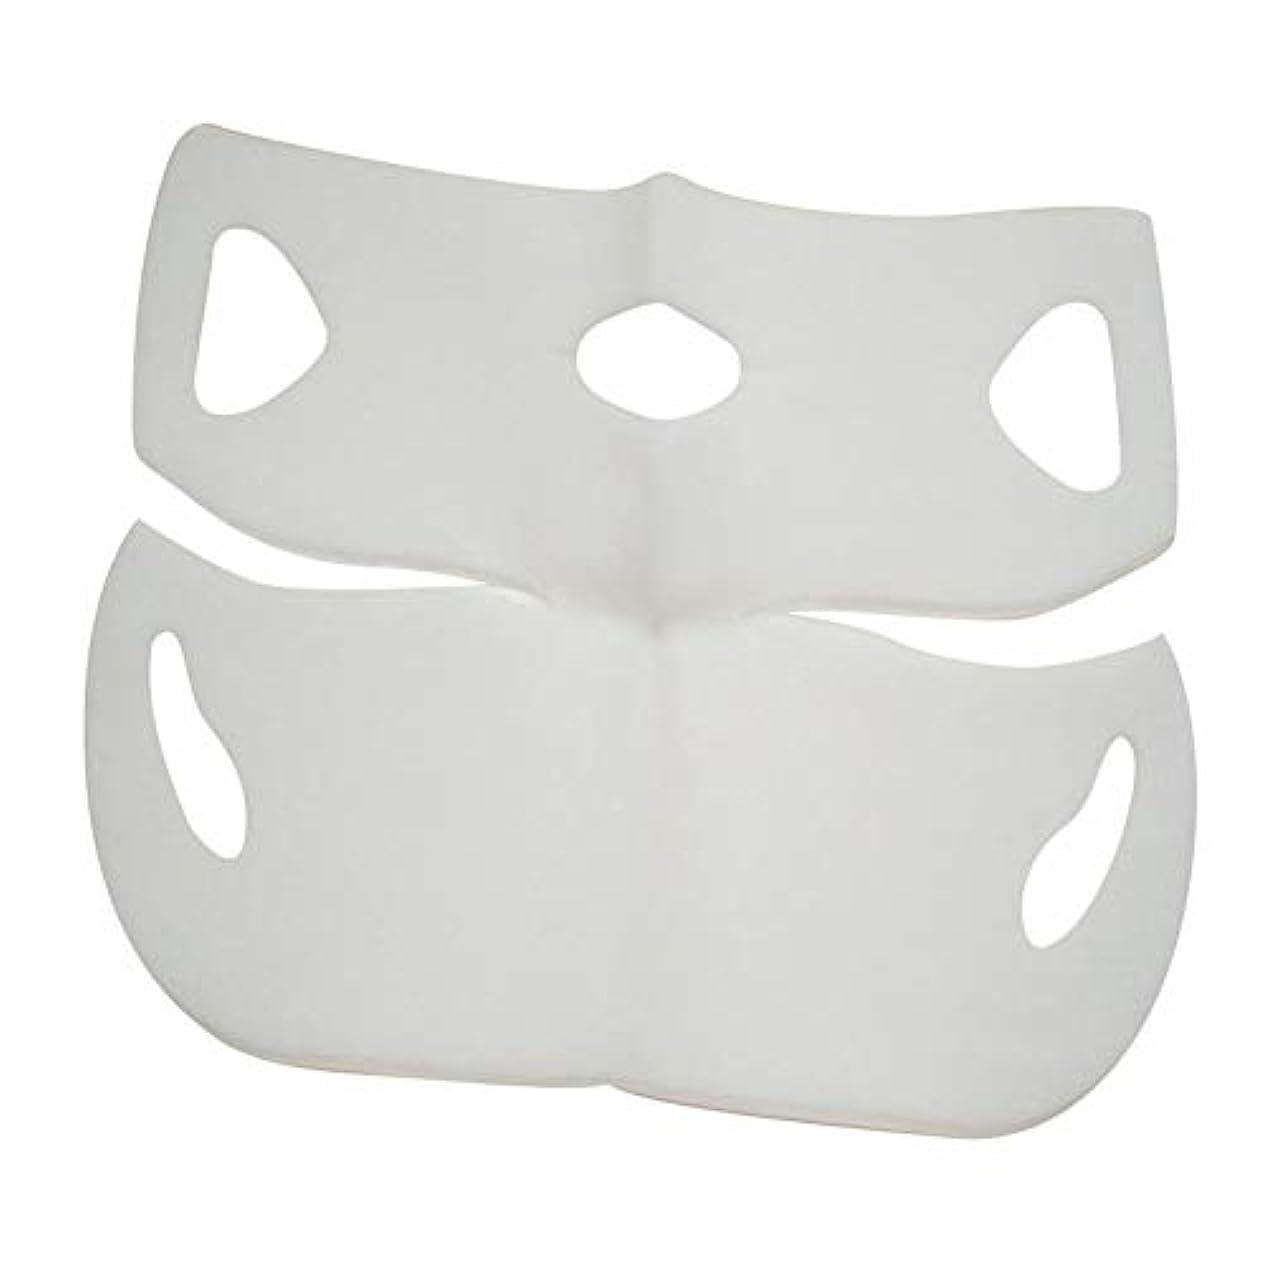 うなる物理的に前部SILUN 最新型 4D Vフェイシャルマスク フェイスマスク 小顔 マスク フェイスラインベルト 美顔 顔痩せ 肌ケア 保湿 毛細血管収縮 睡眠マスク